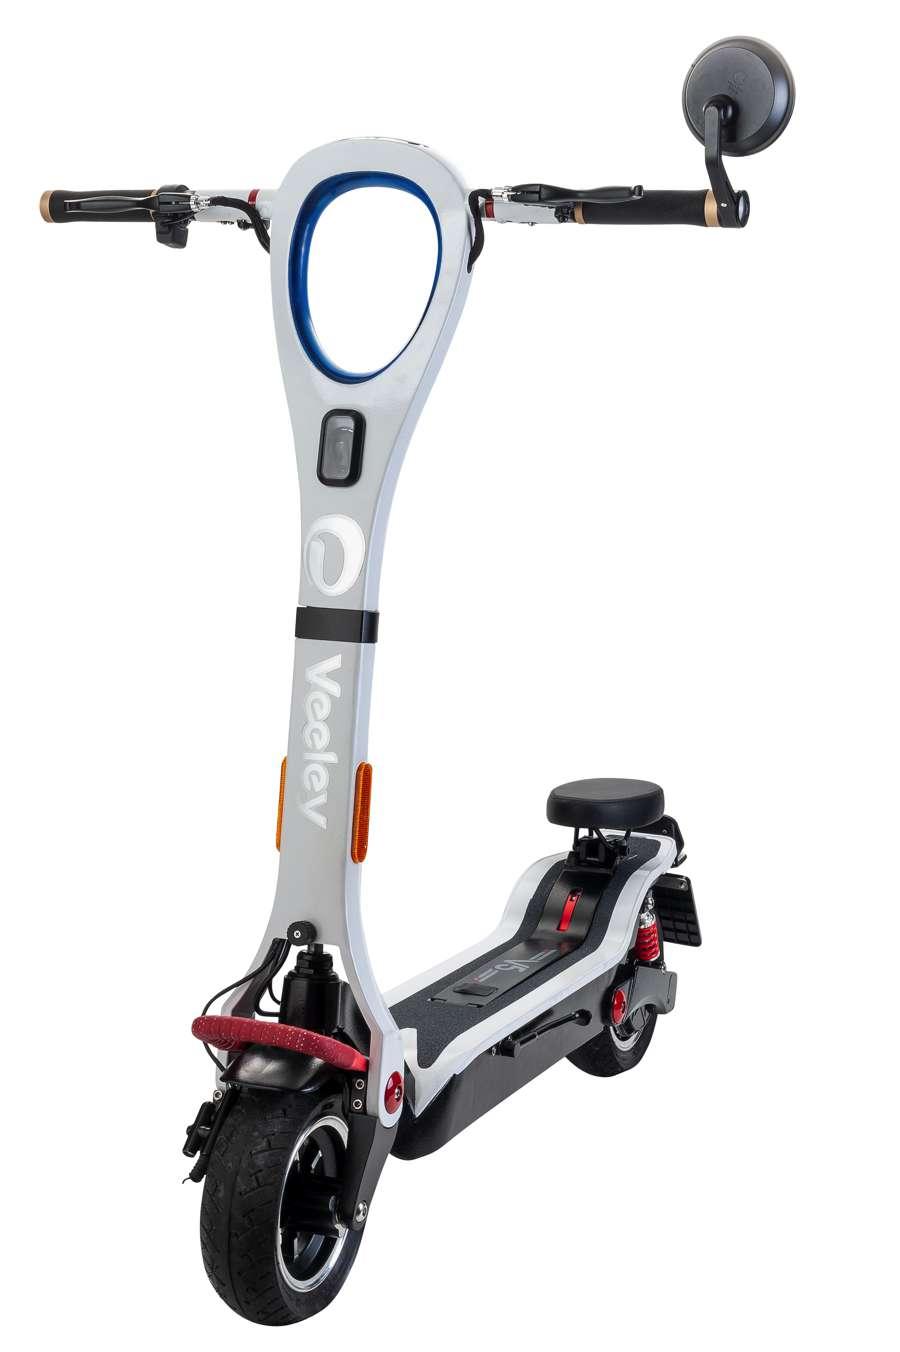 Veeley V5 Electric Scooter